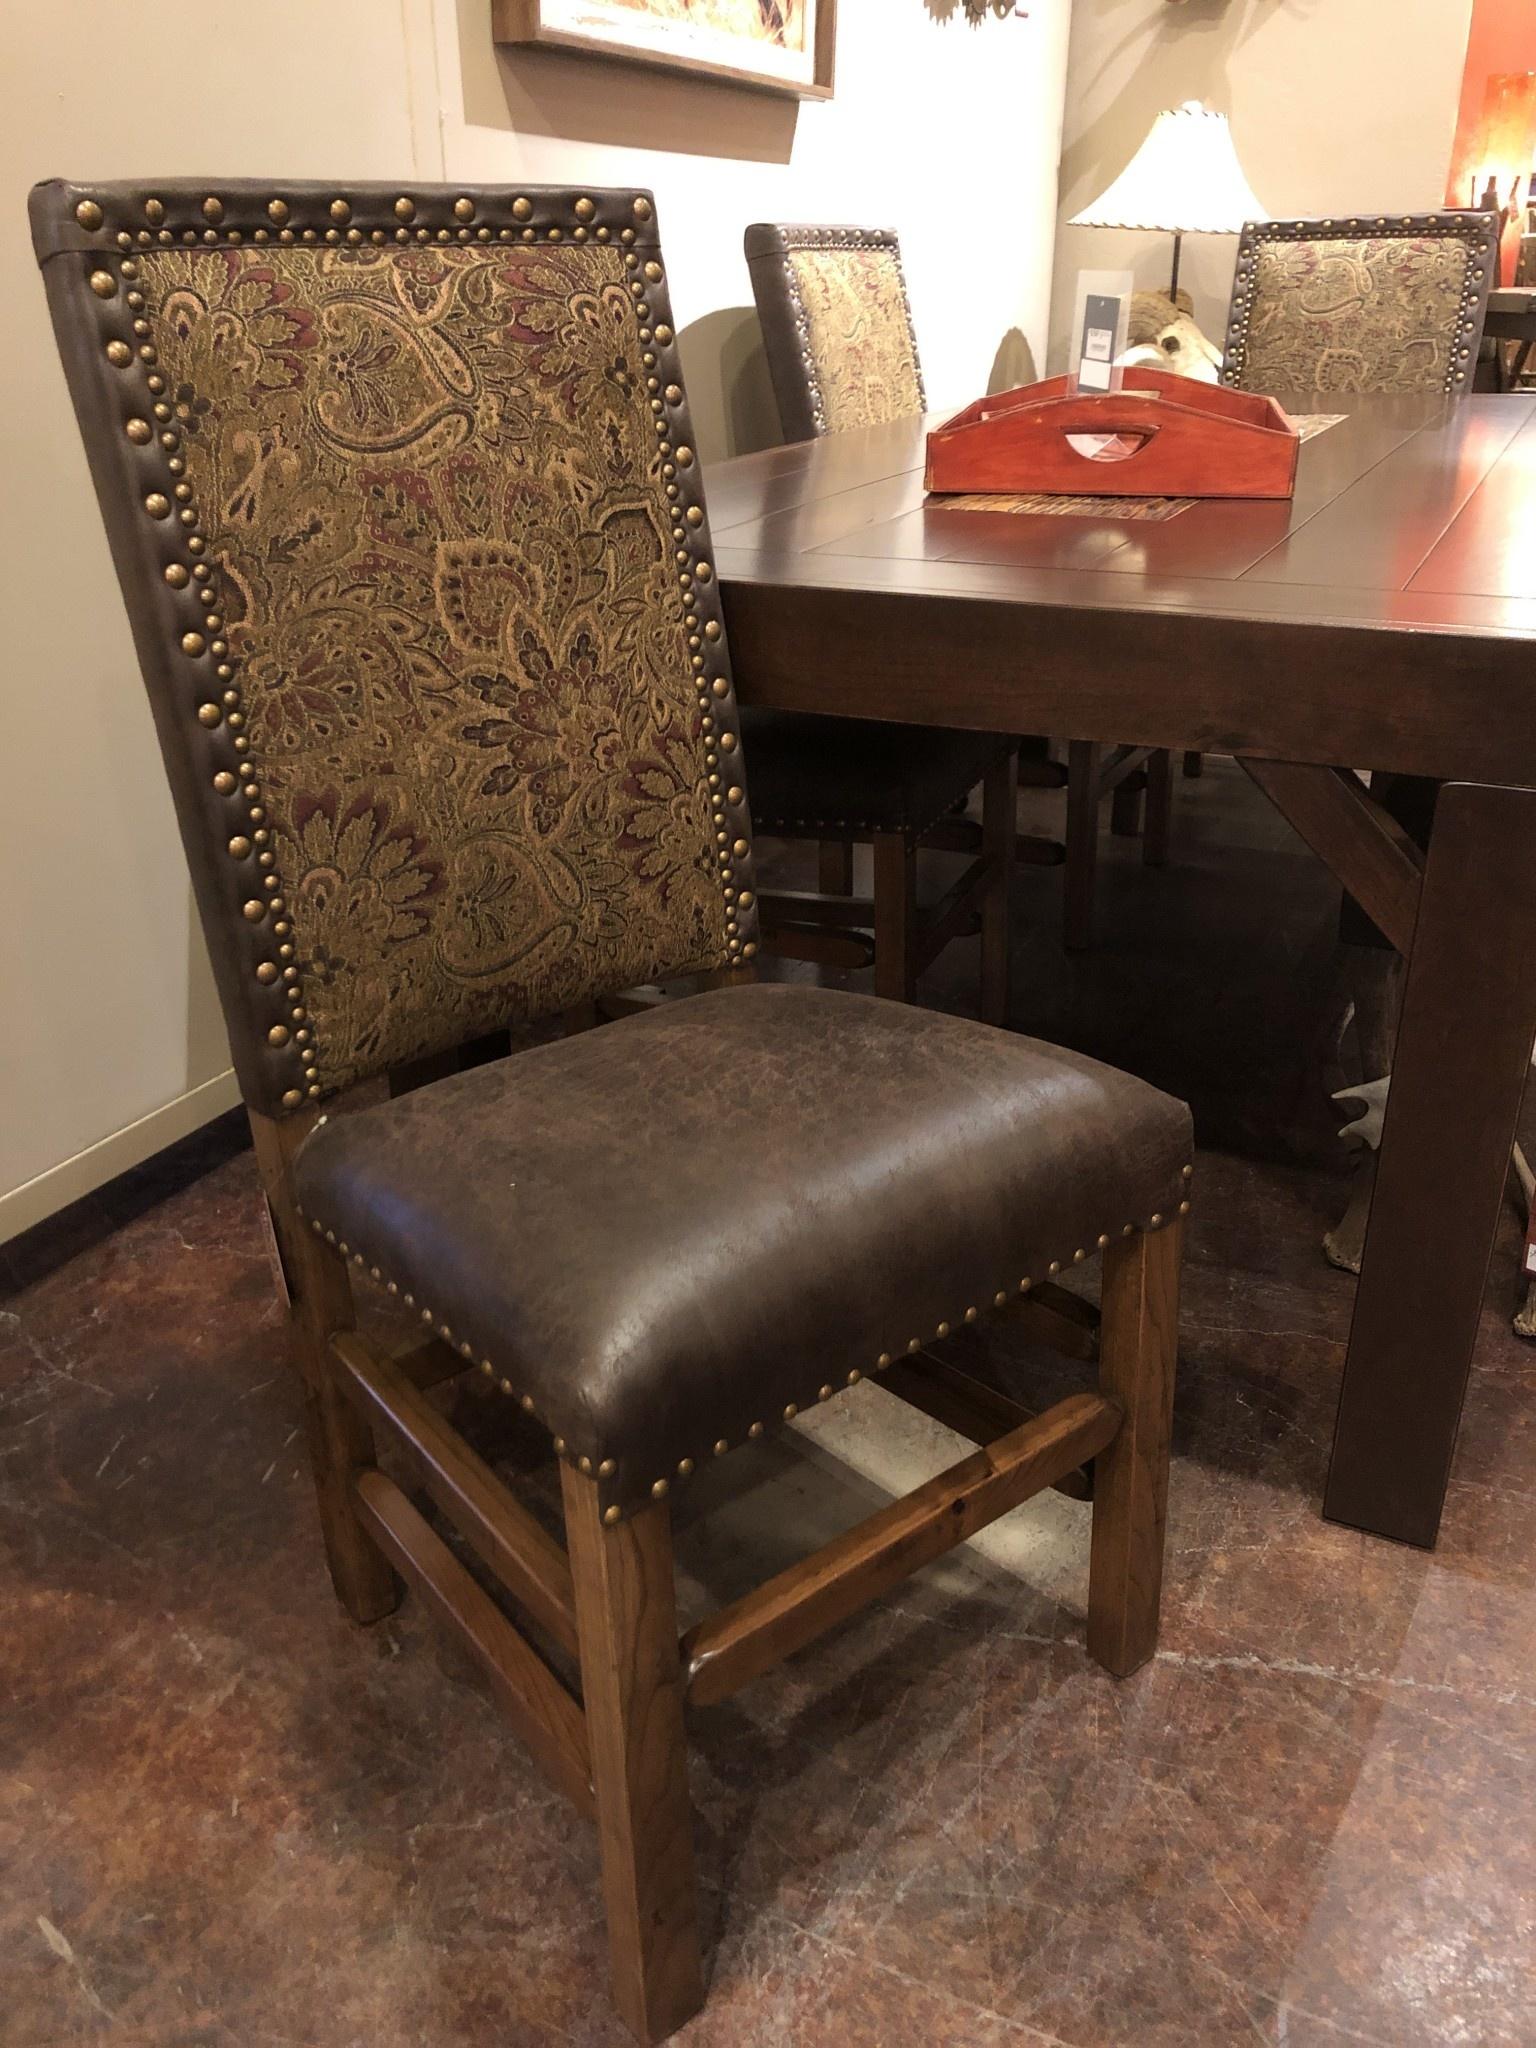 Co-ALBC Full Upholstered Dining Chair